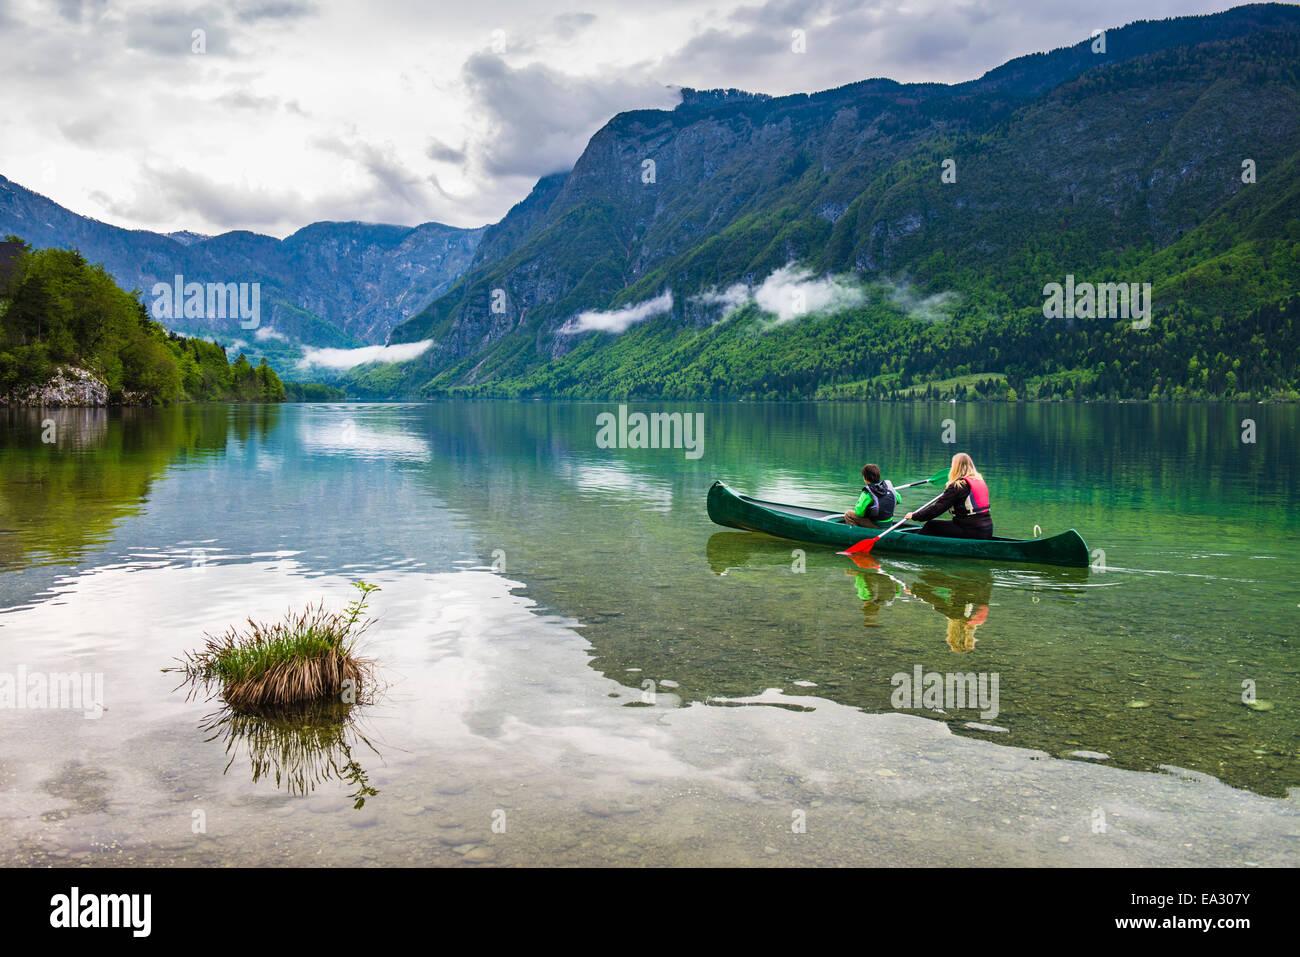 Madre e figlio di canottaggio sul Lago di Bohinj, il Parco Nazionale del Triglav, sulle Alpi Giulie, Slovenia, Europa Immagini Stock